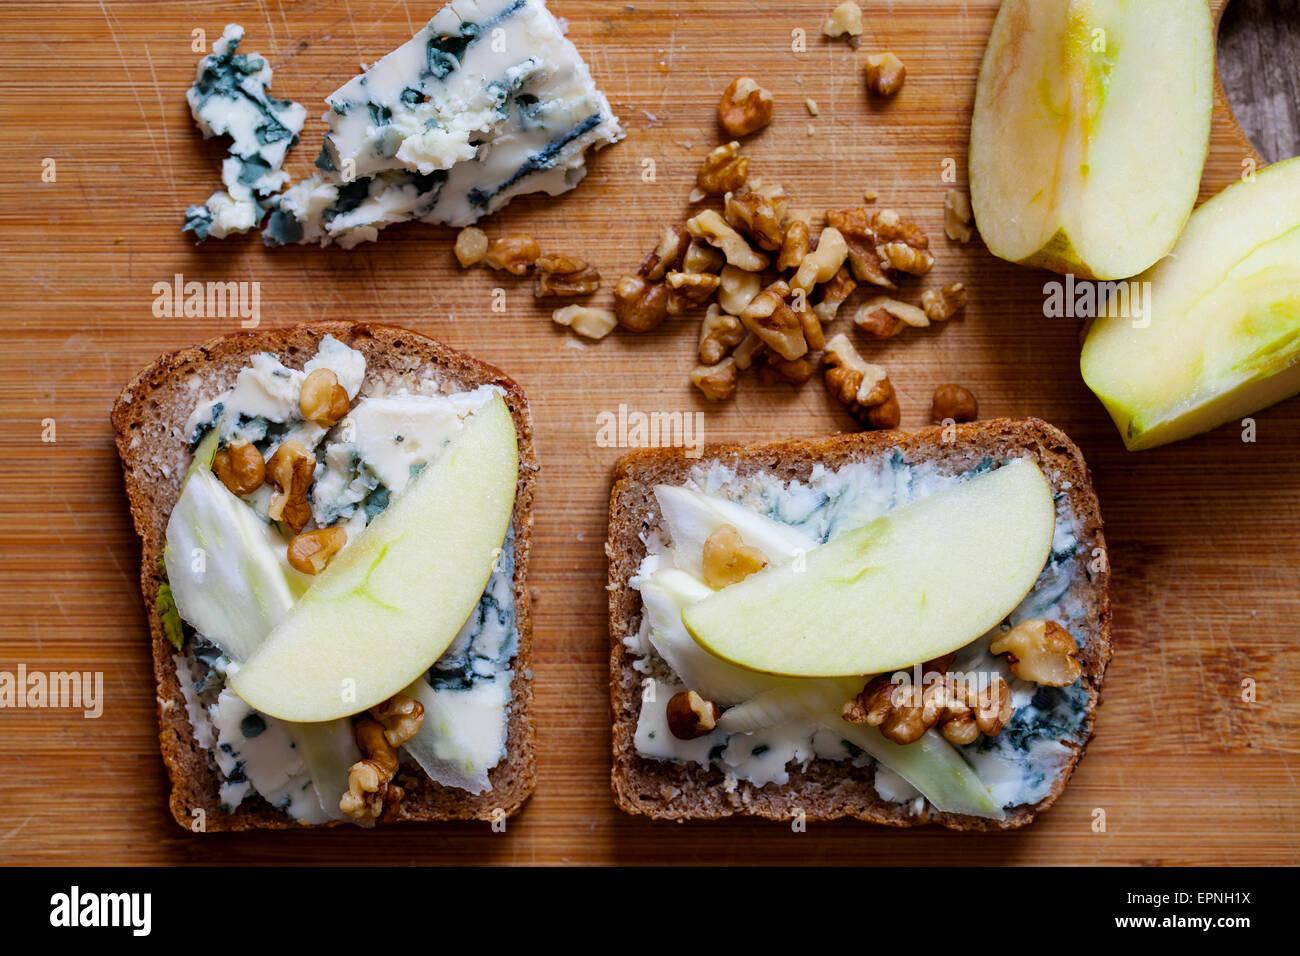 Le pain de seigle avec du fromage bleu, noix et pomme Photo Stock